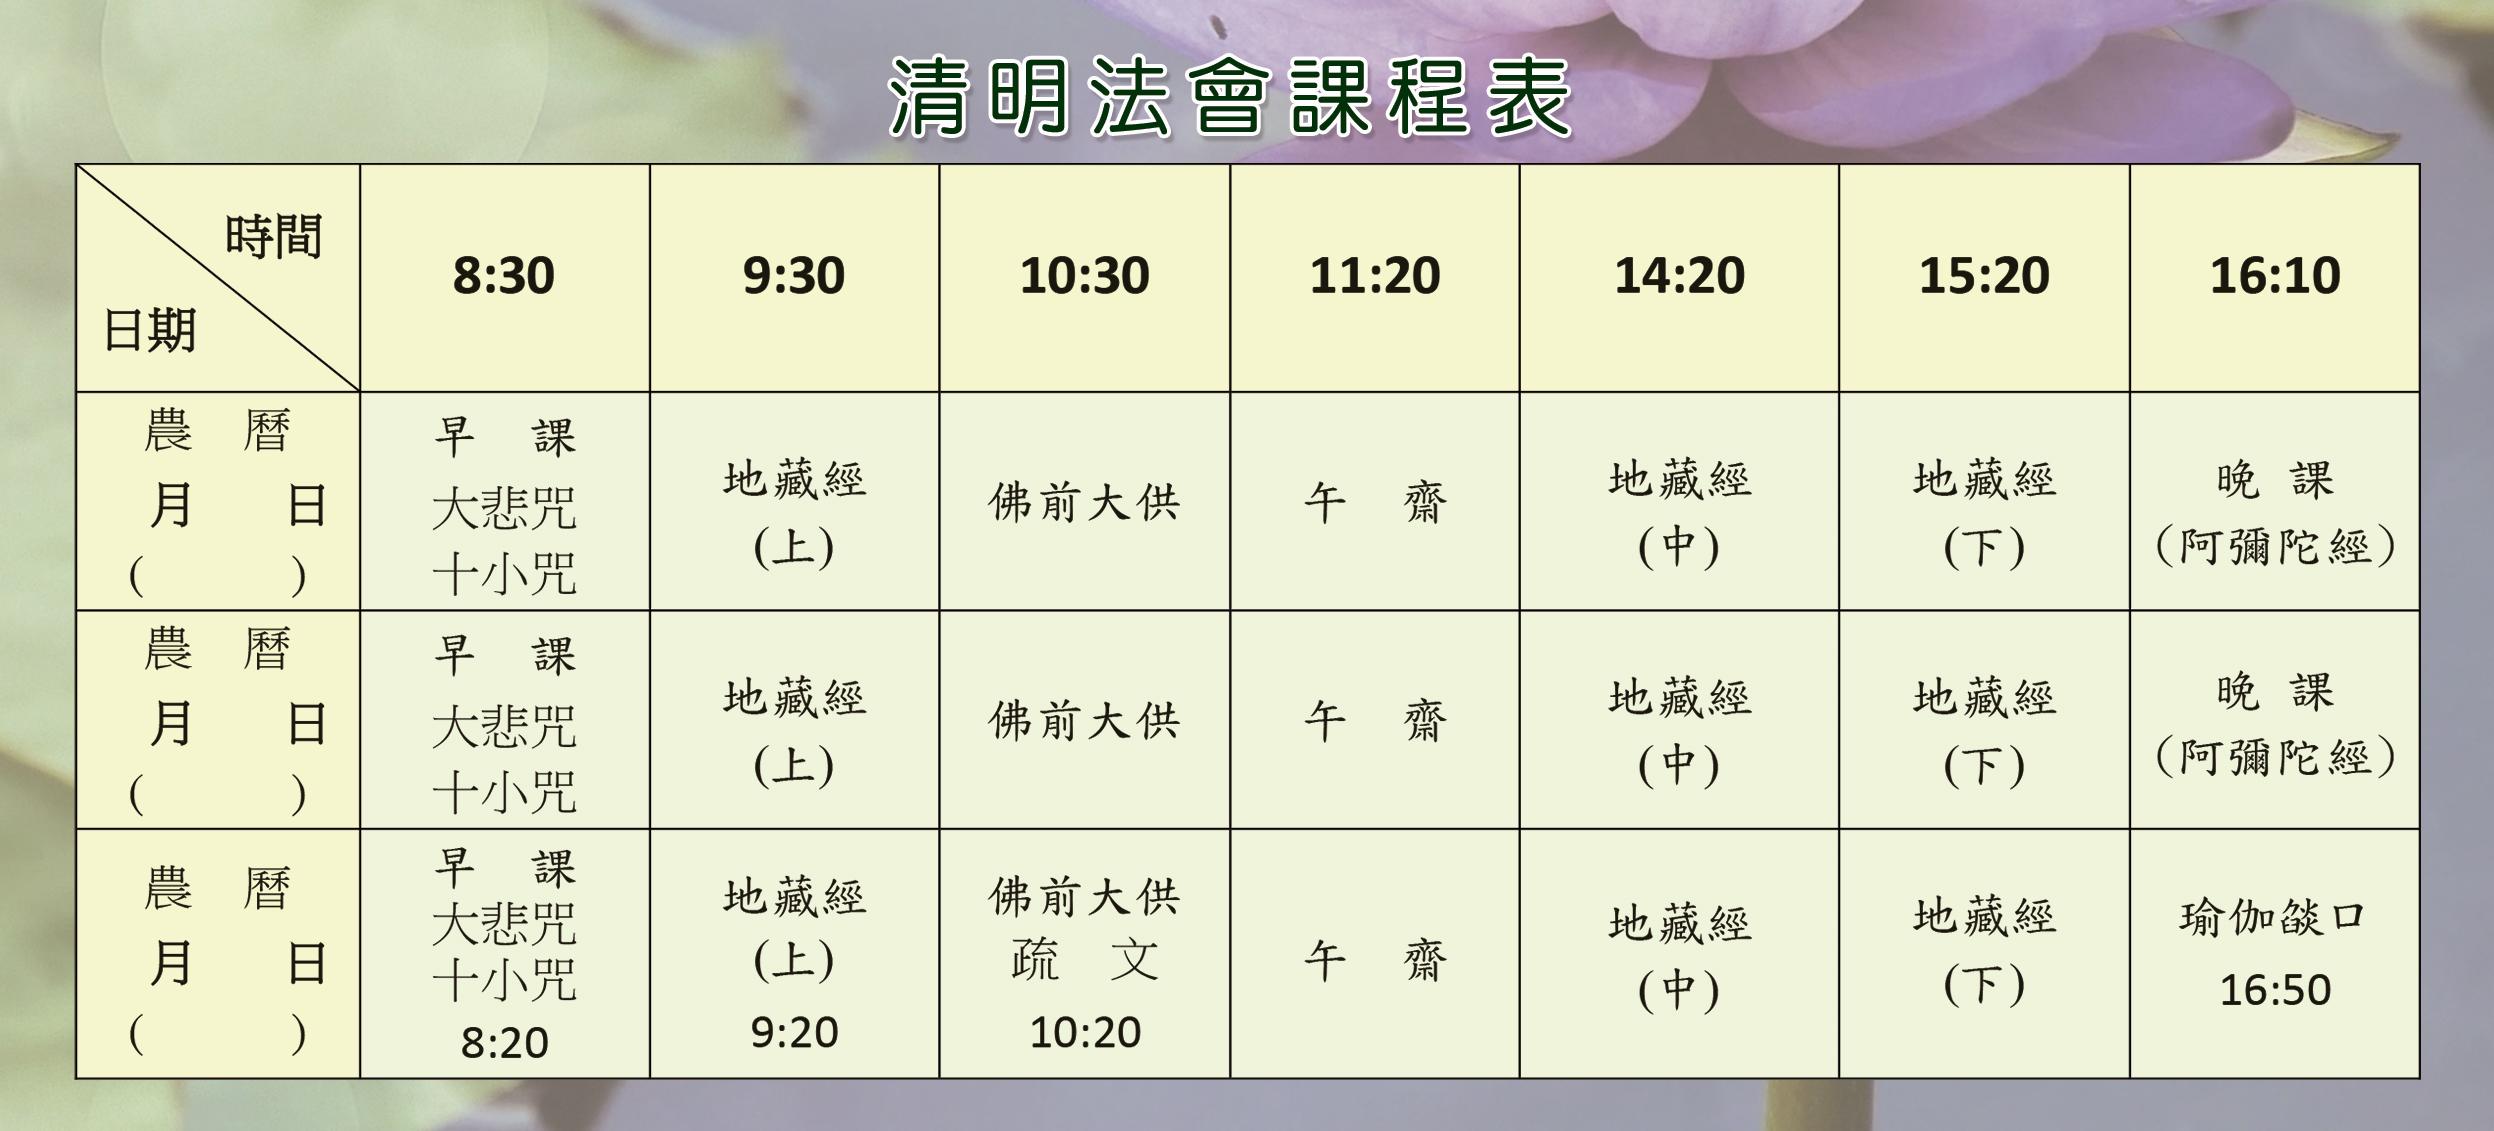 清明法會課程表